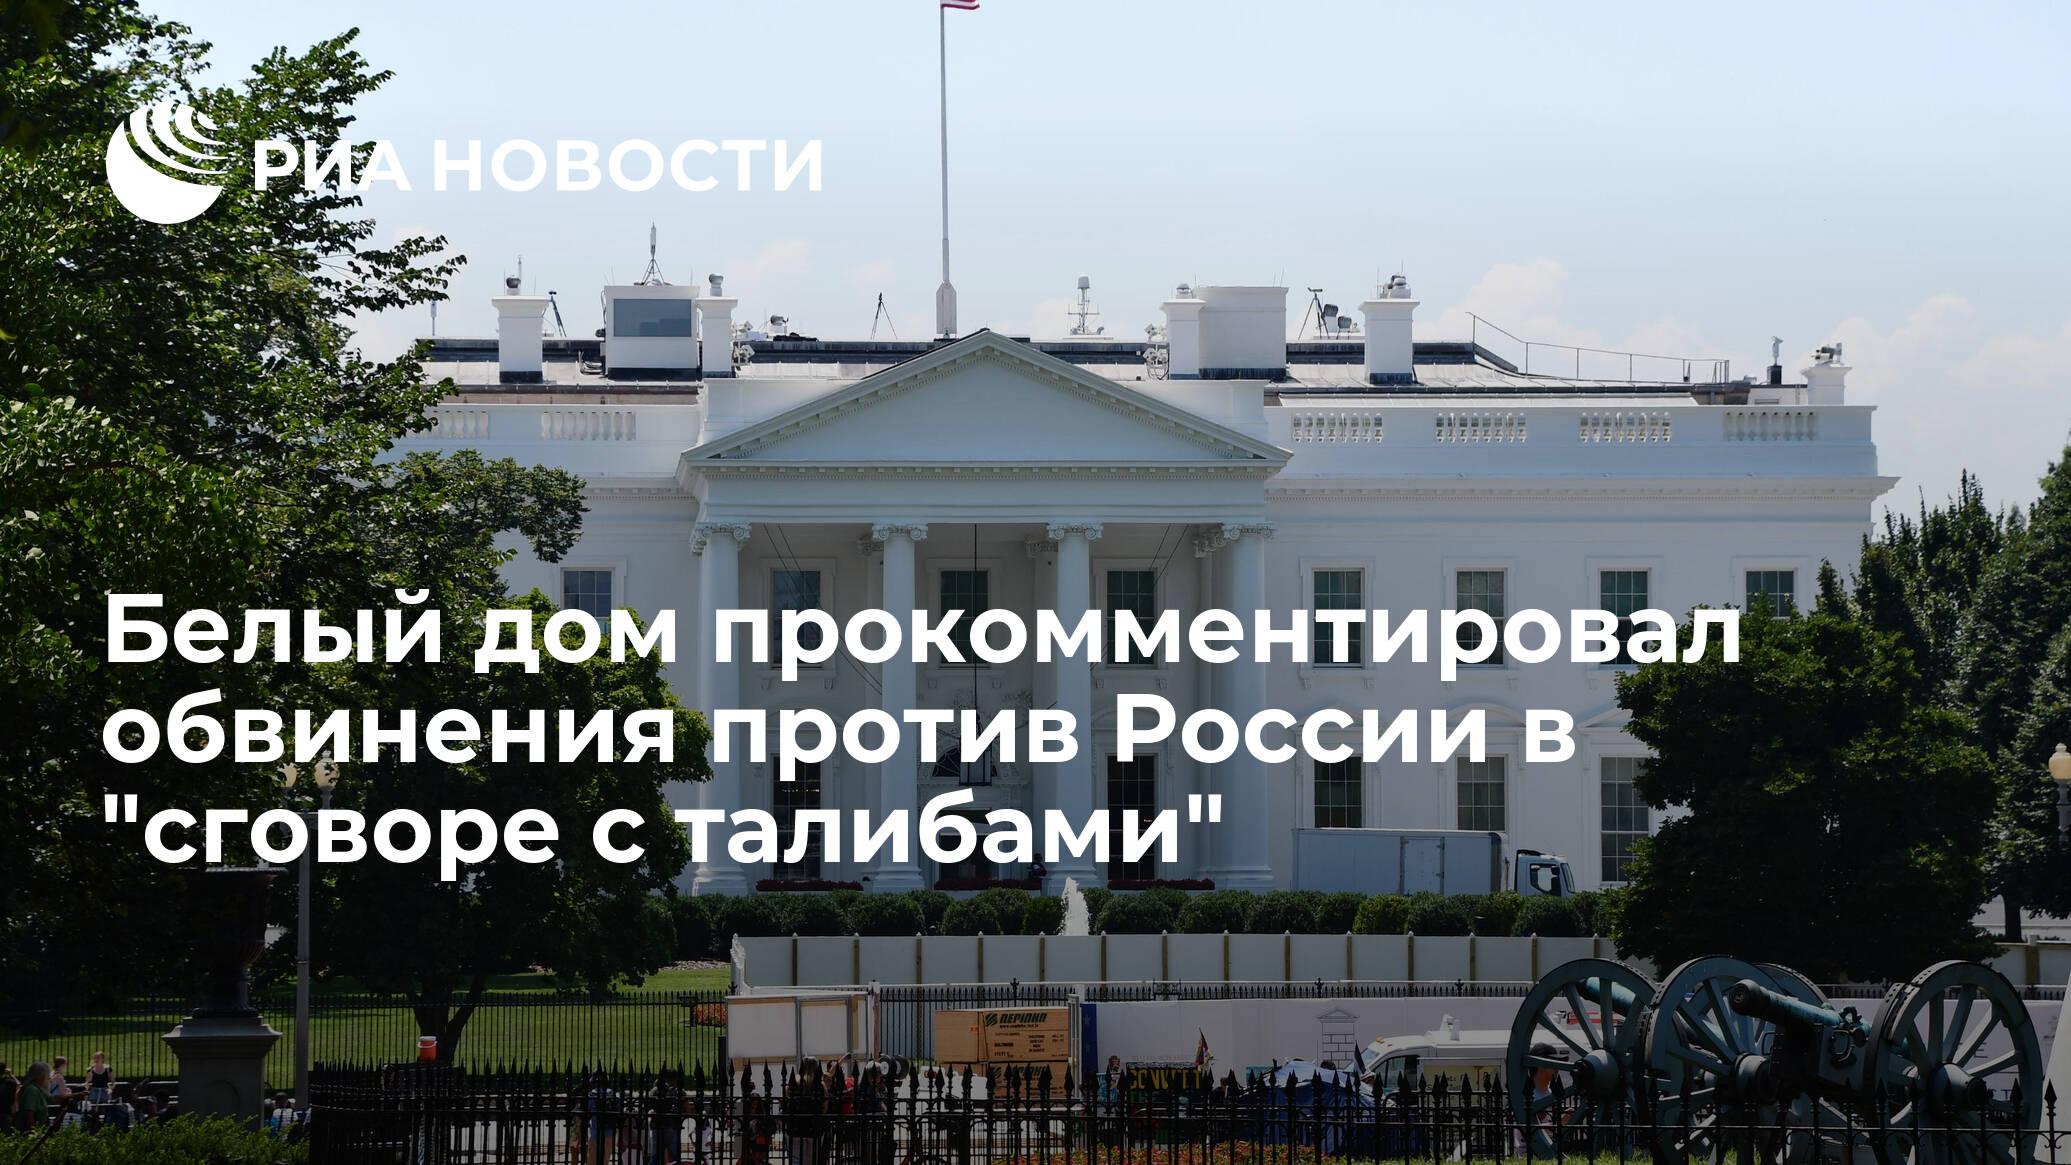 Белый дом прокомментировал обвинения против России в 'сговоре с талибами' - РИА НОВОСТИ